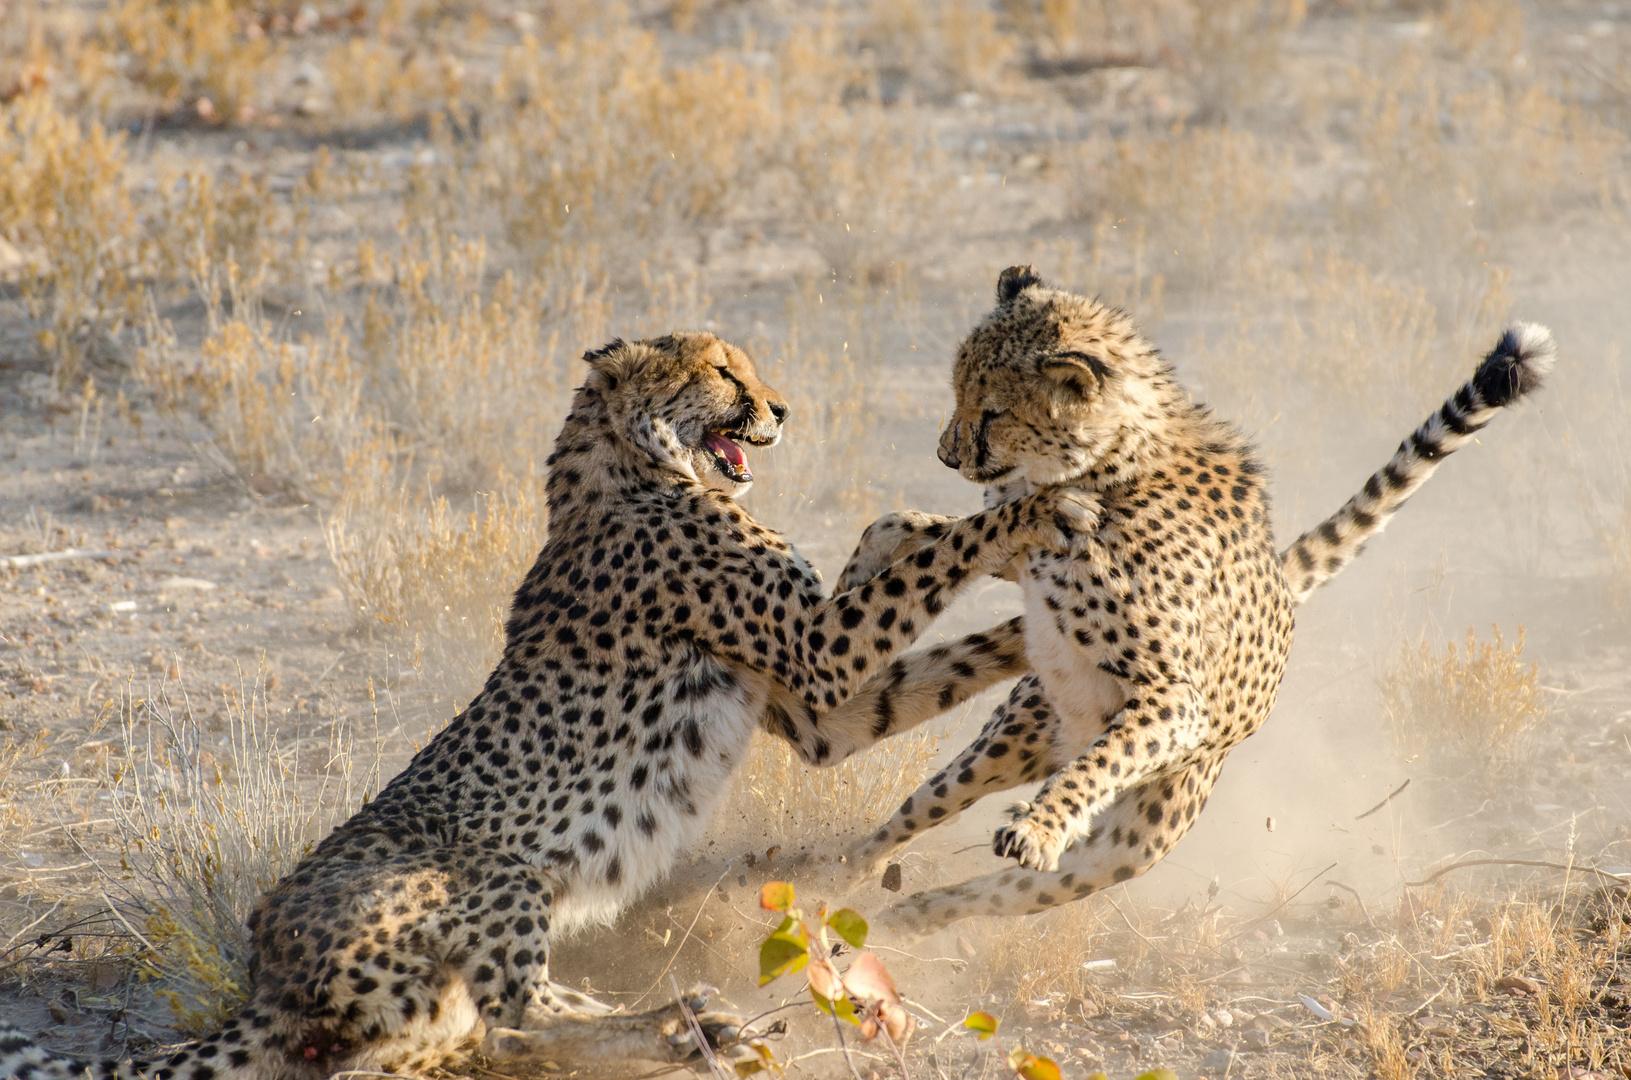 Cheetah fighting2